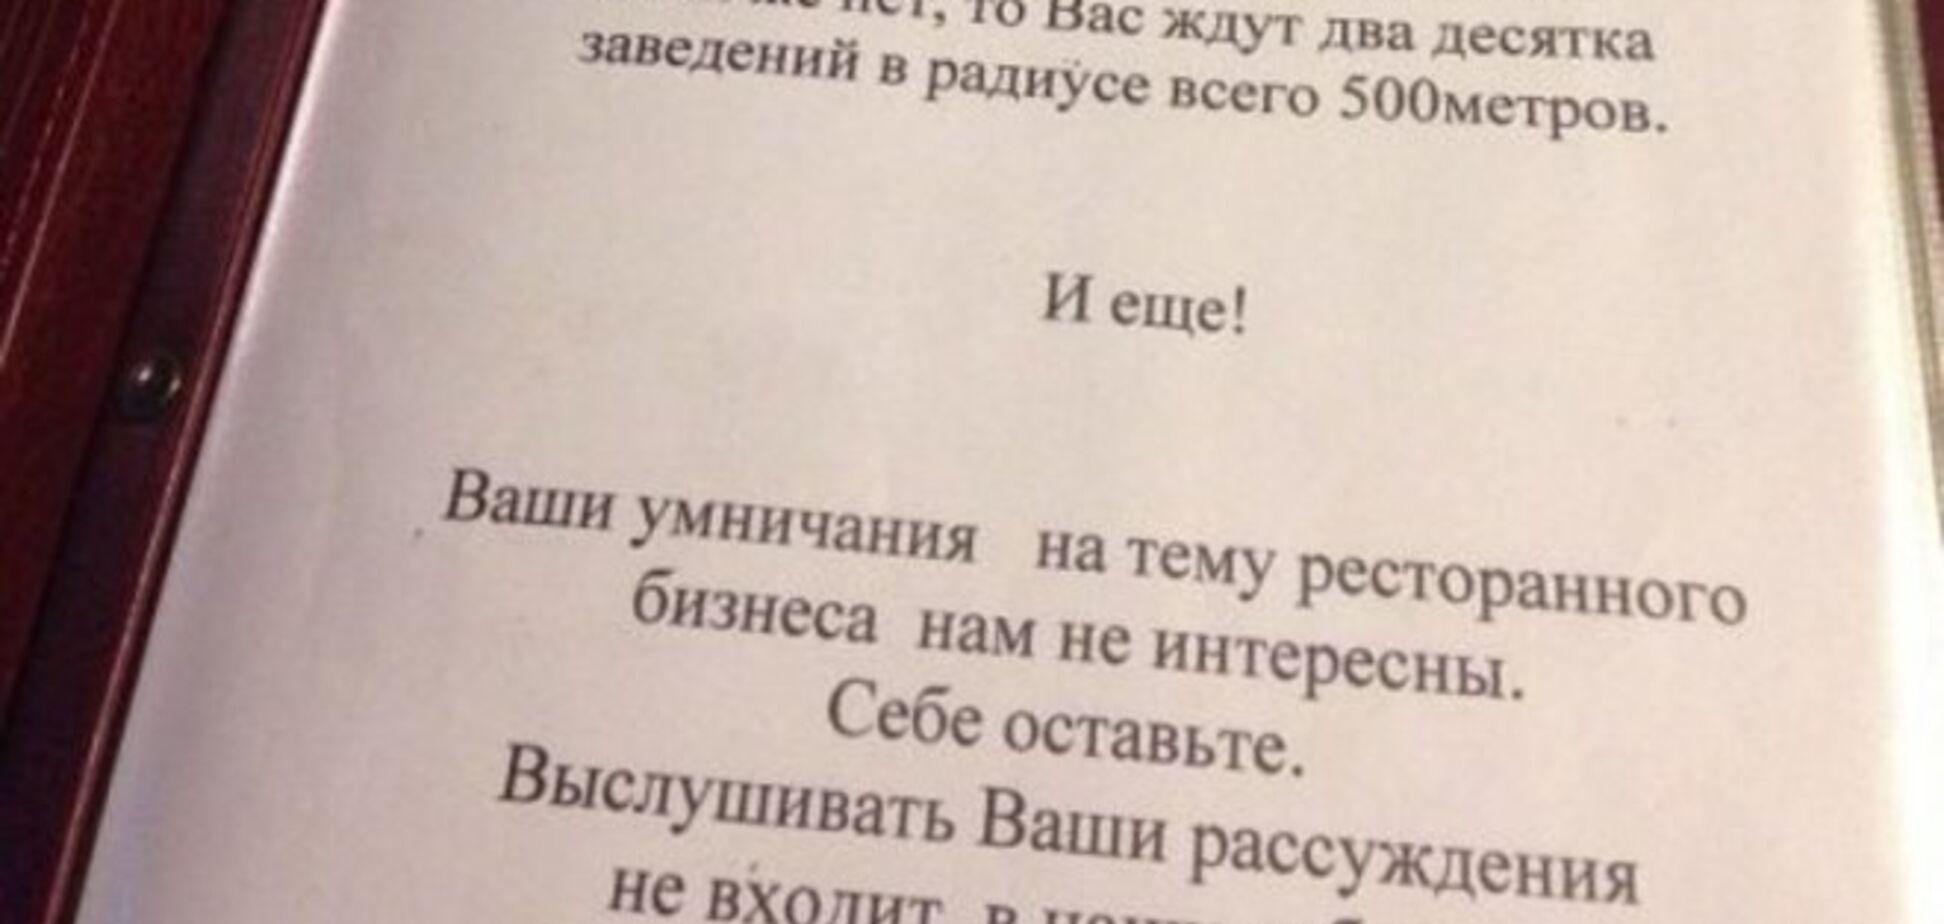 Меню из российского ресторана, которое выглядит, как крик души